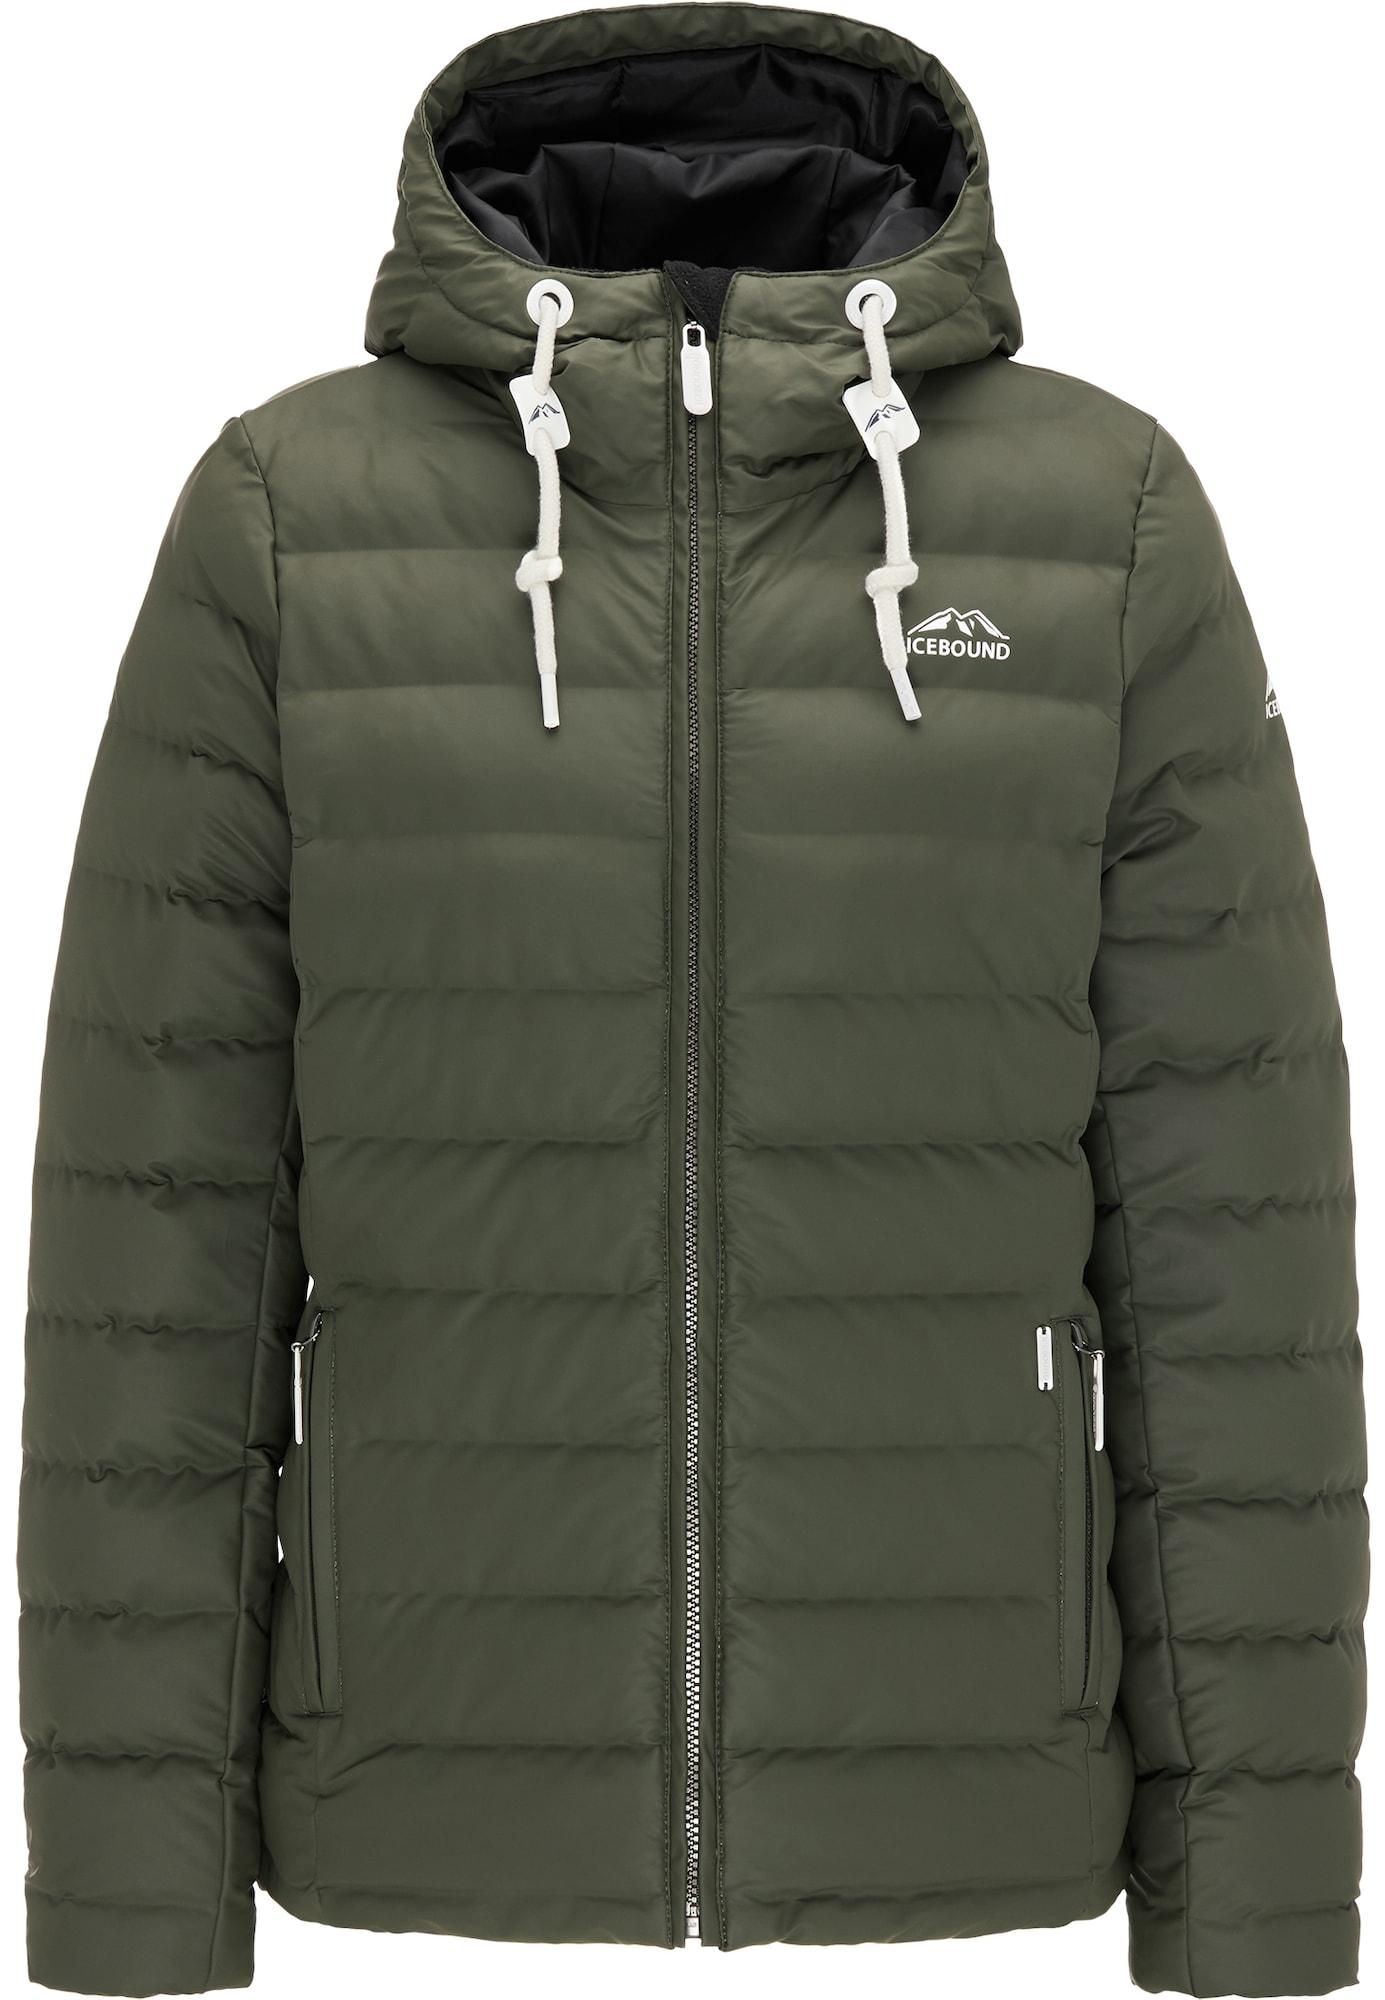 Winterjacke   Bekleidung > Jacken > Winterjacken   ICEBOUND